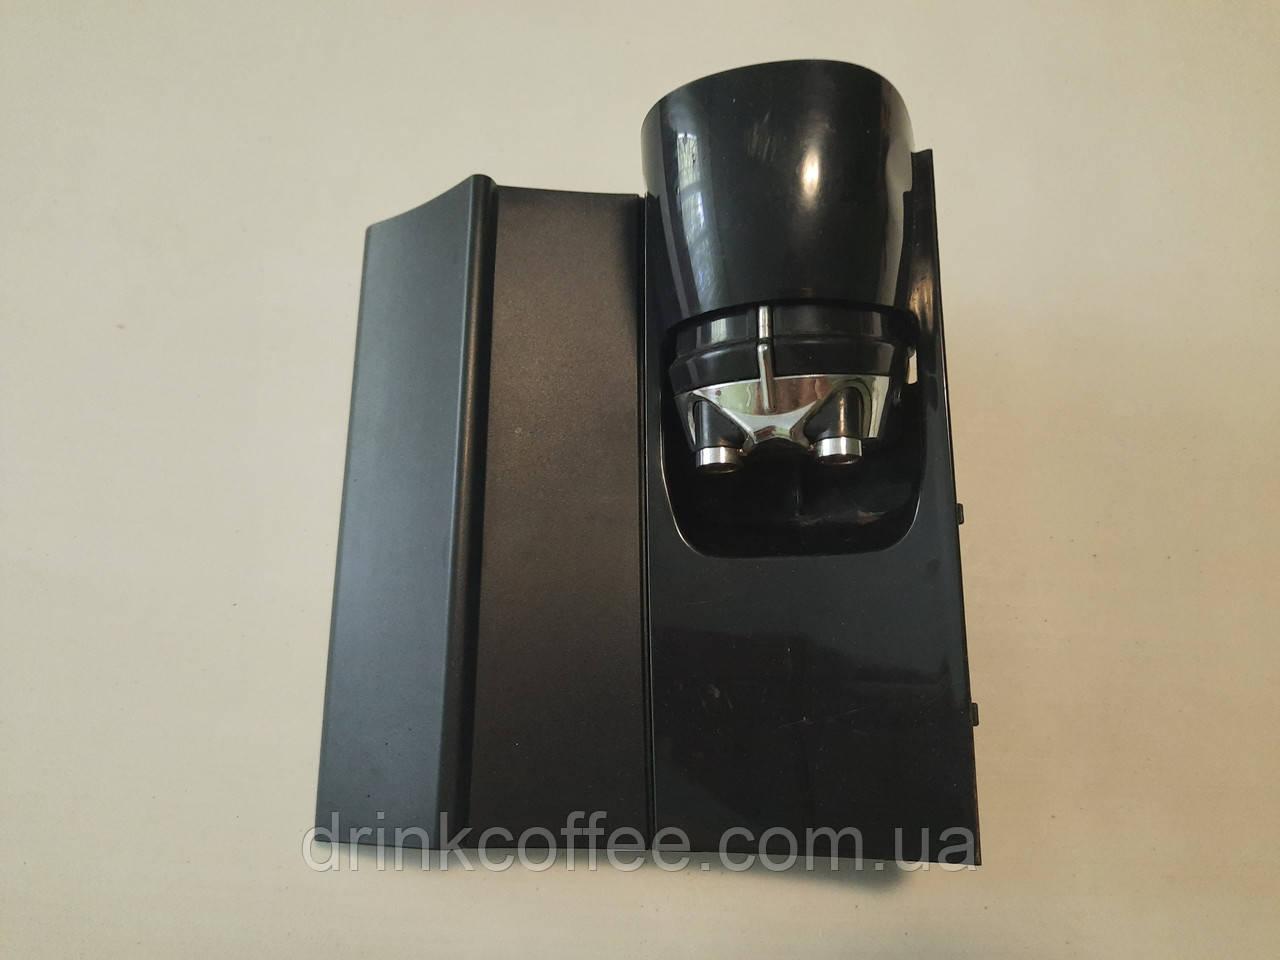 Лицьова Панель (дверцята) диспенсер подачі кави для Кавоварки DeLonghi ESAM 4000 Magnifica б/у